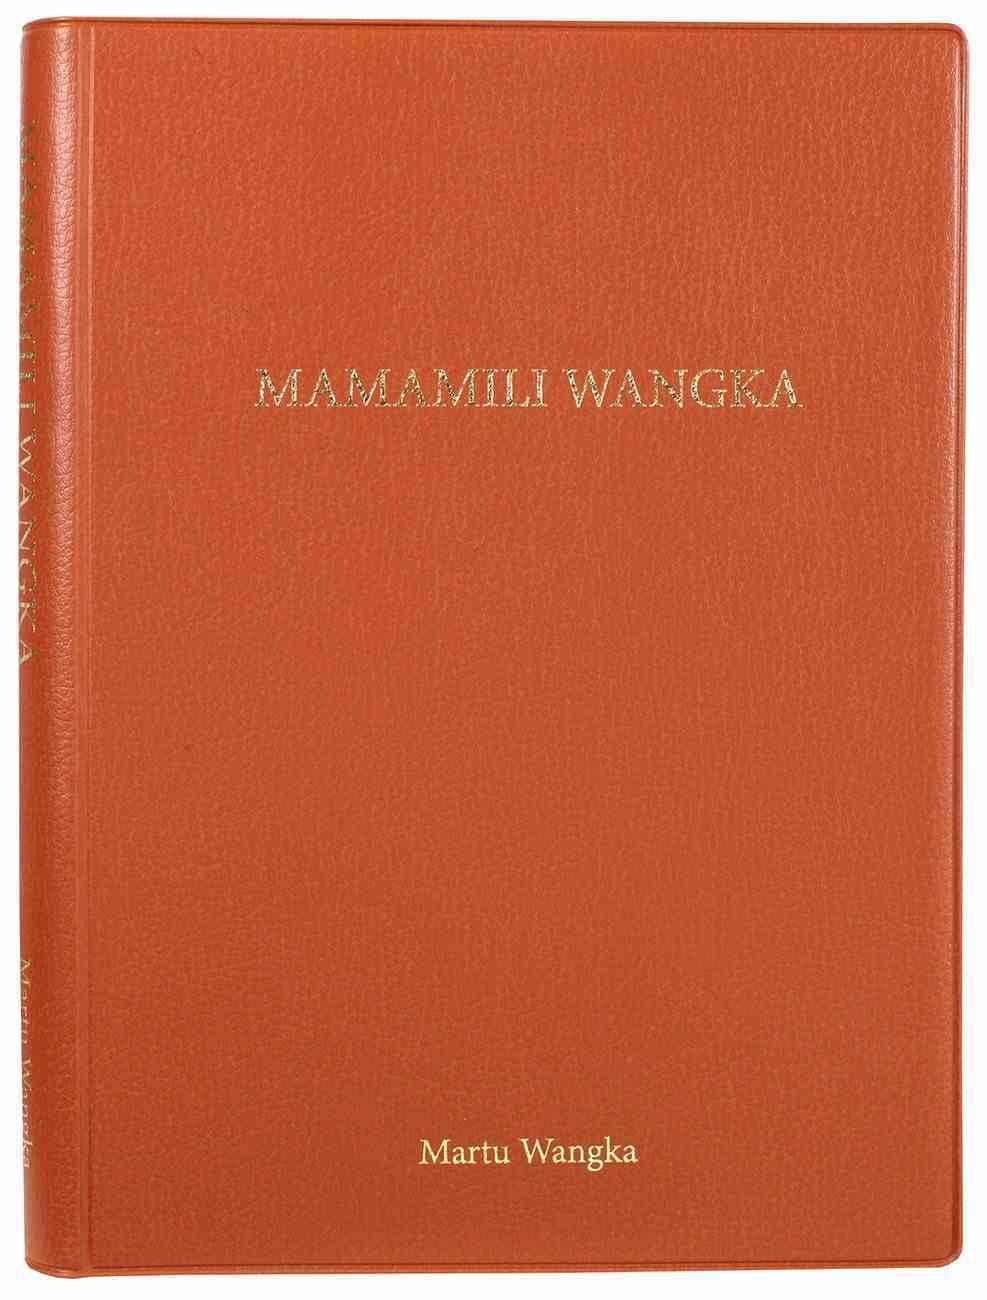 Mamamili Wangka Shorter Bible (Martu Wangka) Imitation Leather